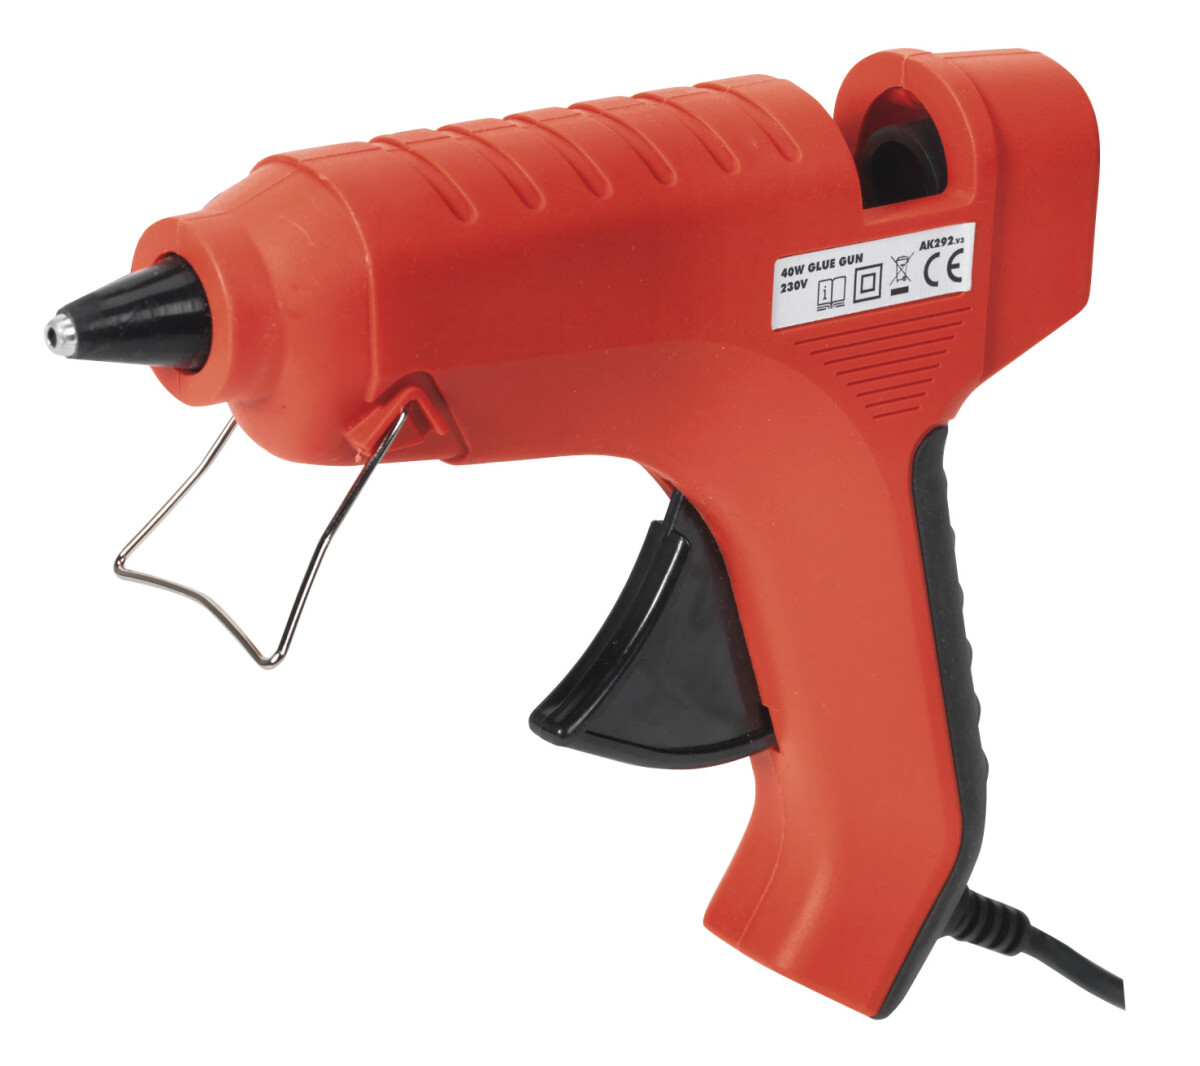 Sealey AK292 Glue Gun 230V with 13Amp Plug